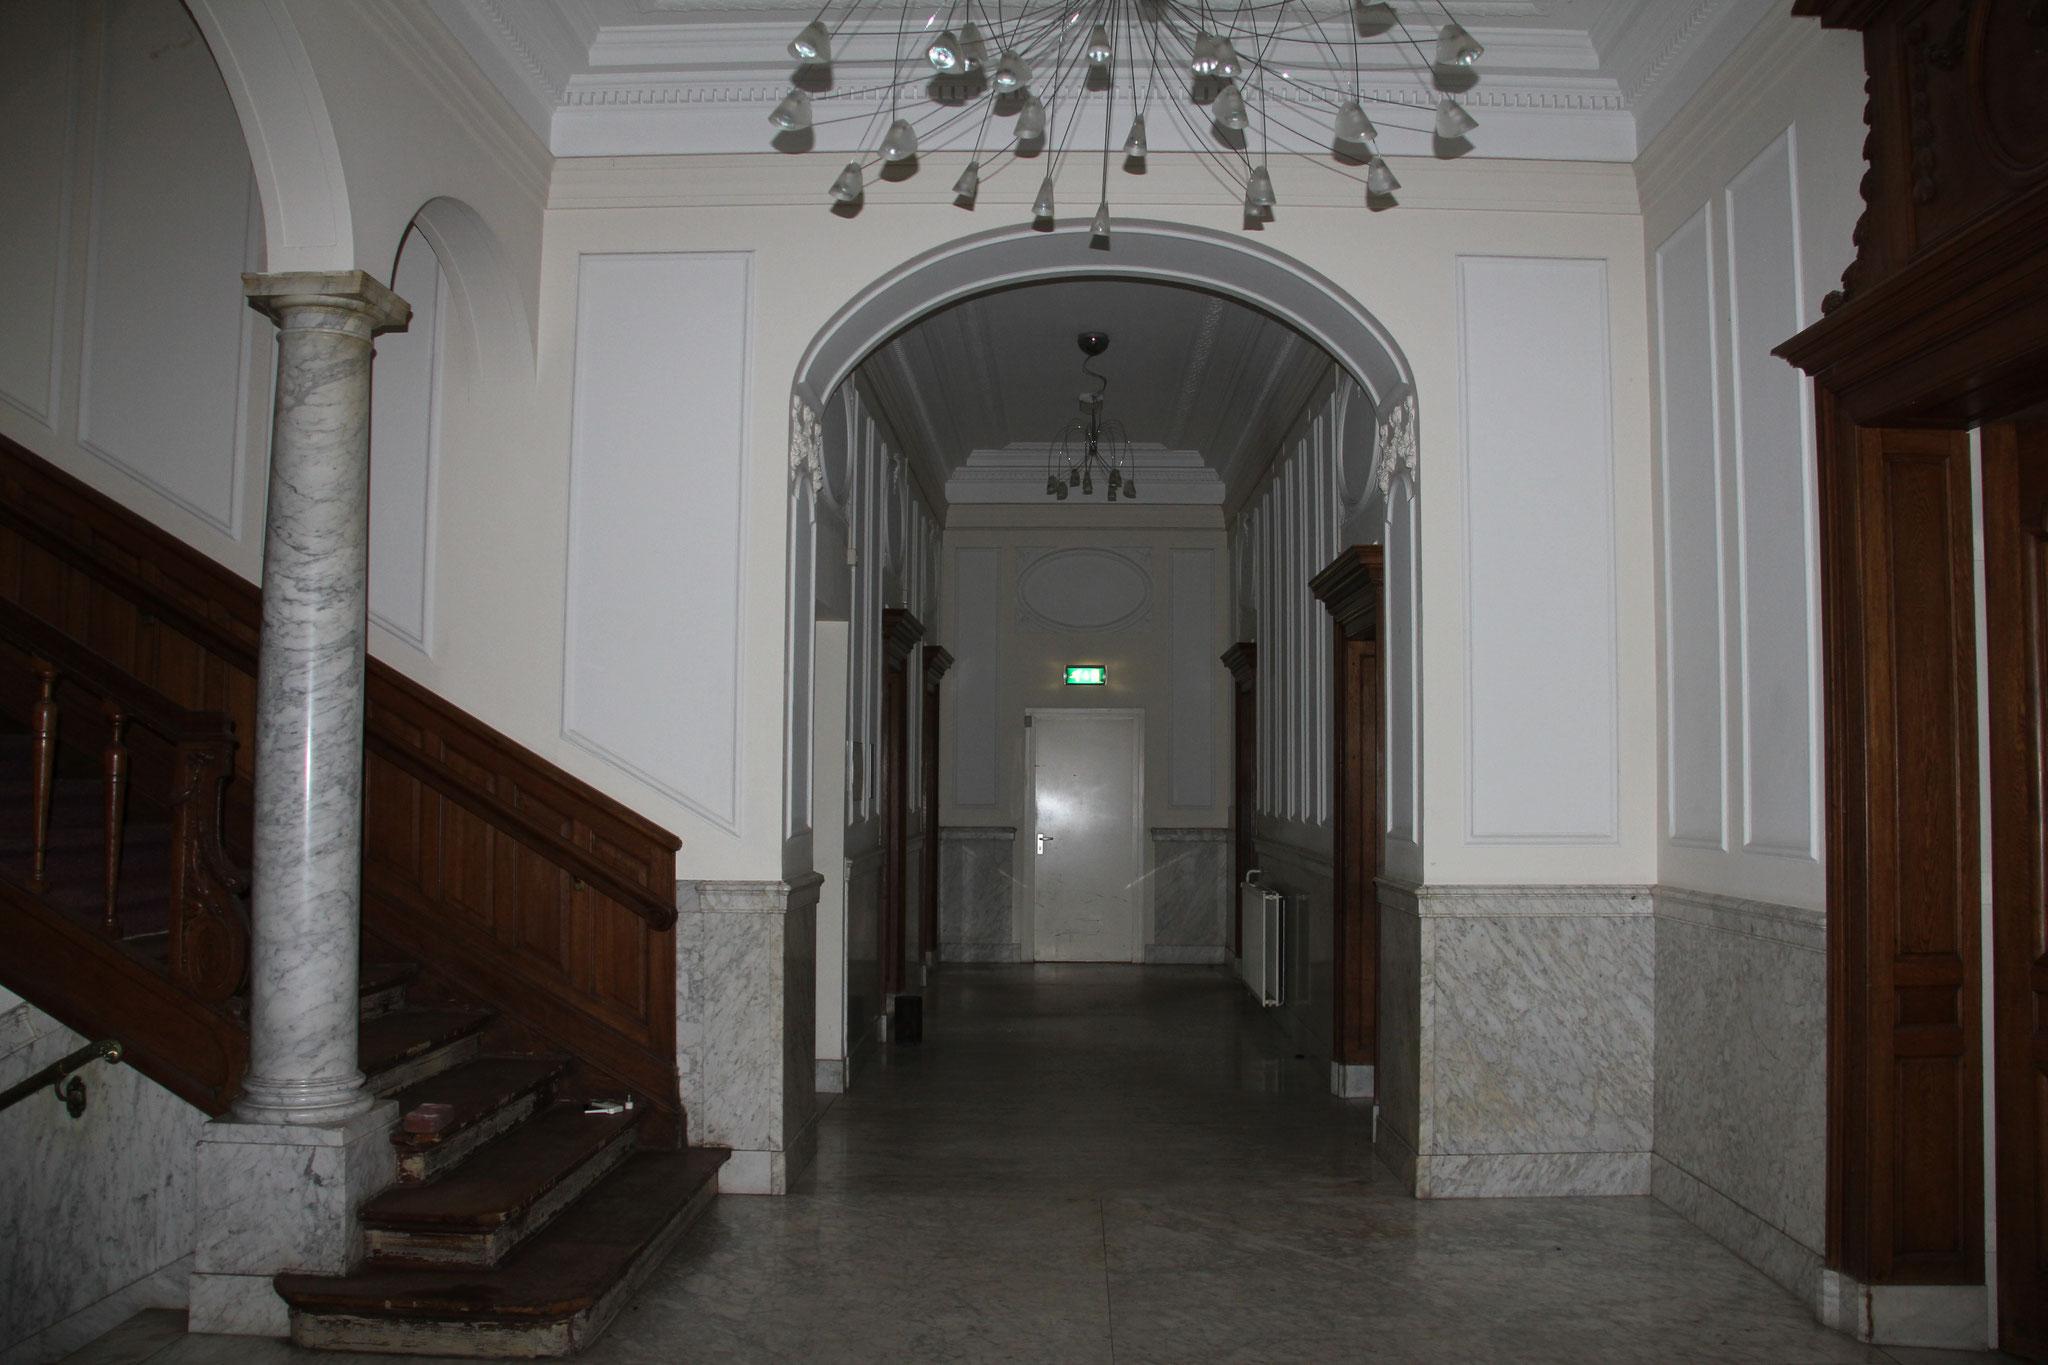 Interieur van Veldheim, begane grond